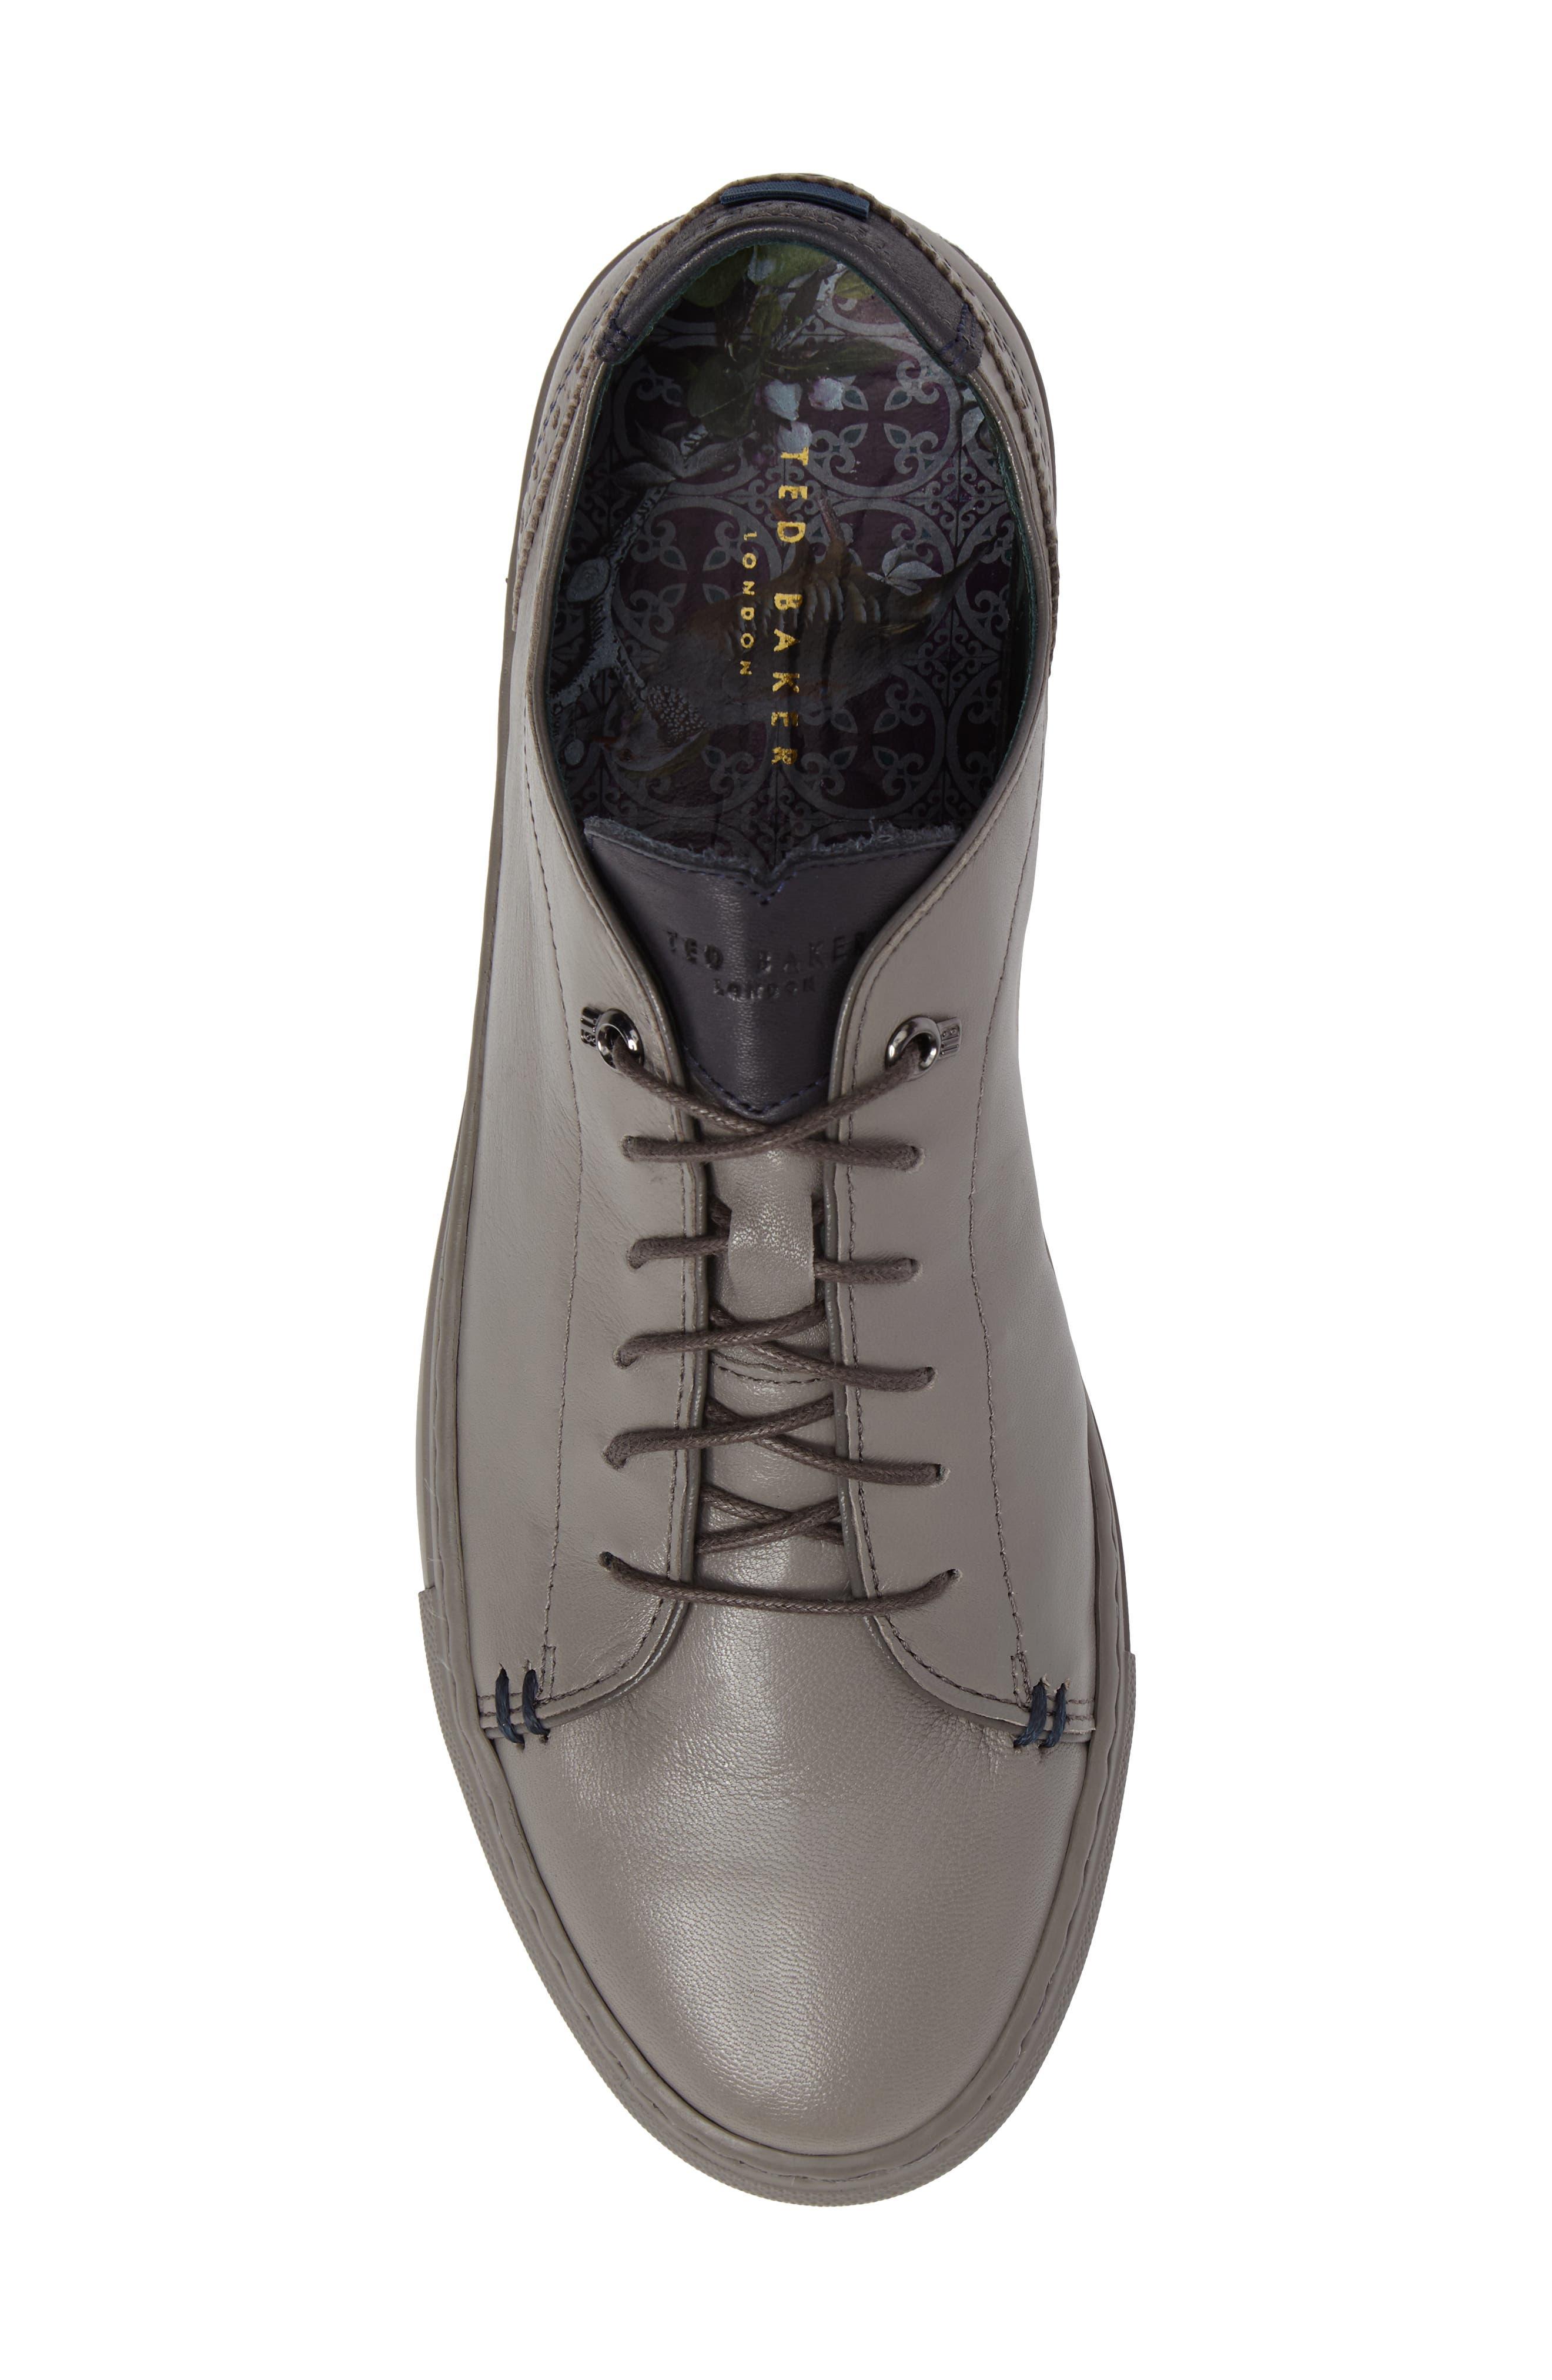 Prinnc Low Top Sneaker,                             Alternate thumbnail 5, color,                             028